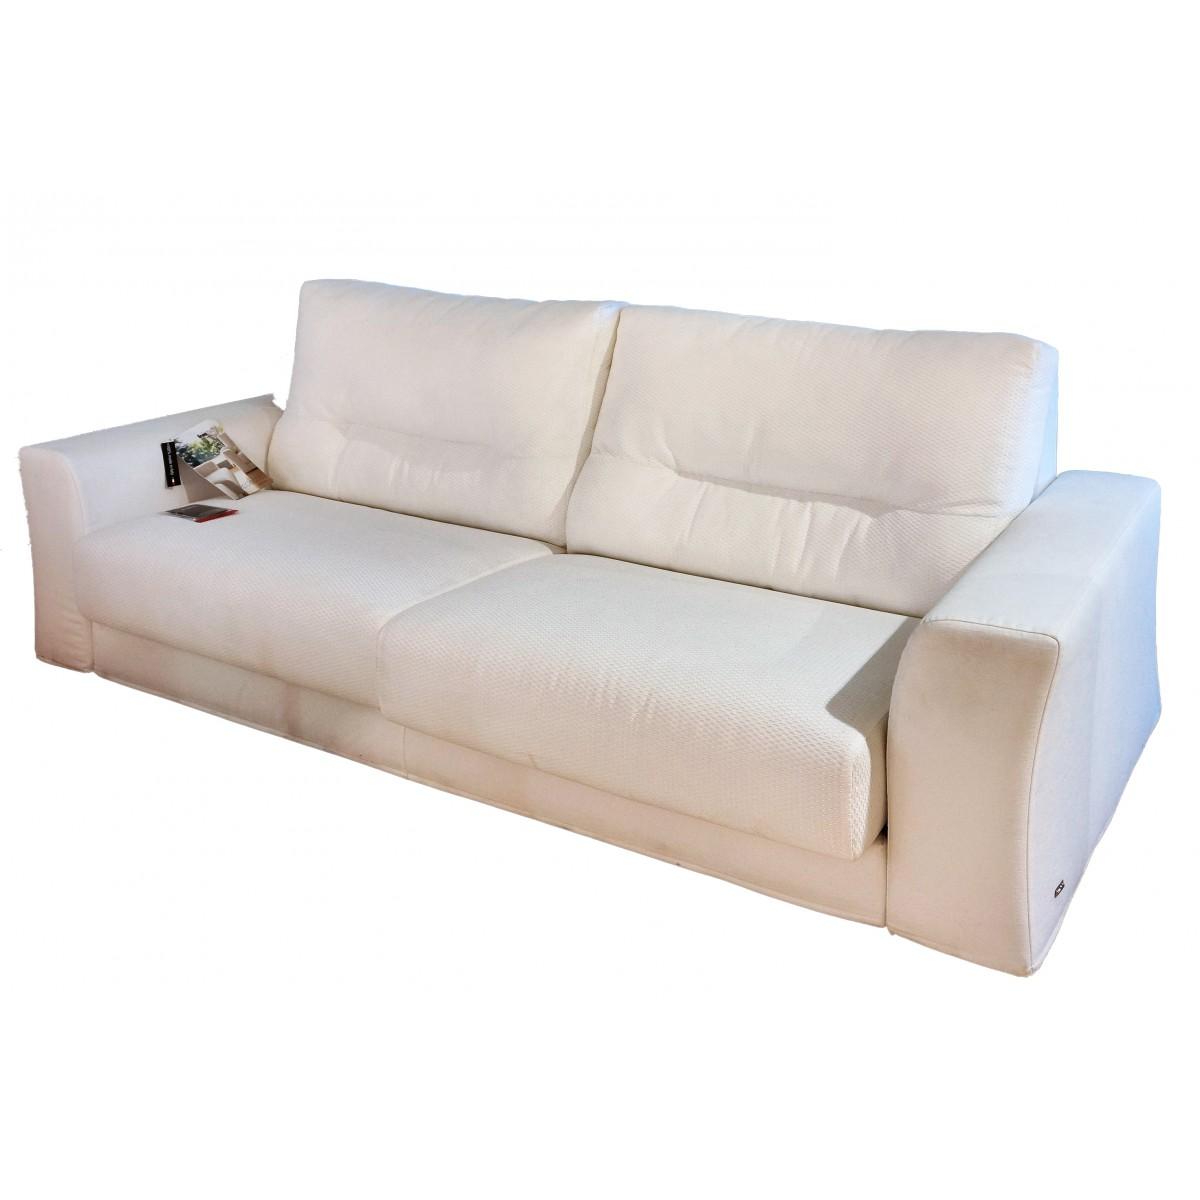 Doimo divano napoleone 232 cm verytalian for Divano 60 cm